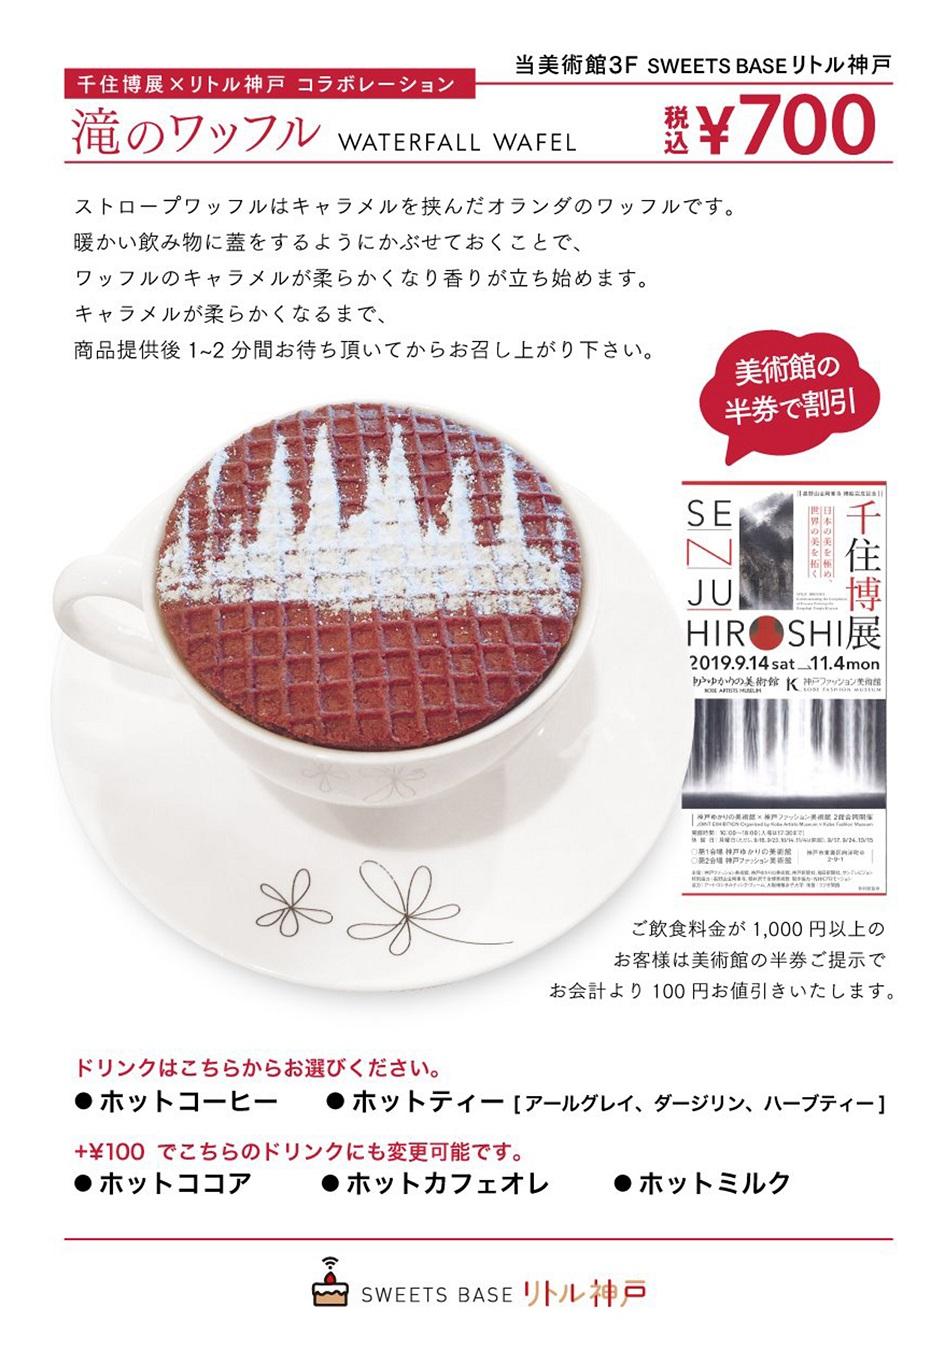 [連携グルメ情報]リトル神戸さんに「千住博展」コラボメニュー、オランダ定番おやつ「滝のワッフル」登場! 半券チケットで特割もあります。